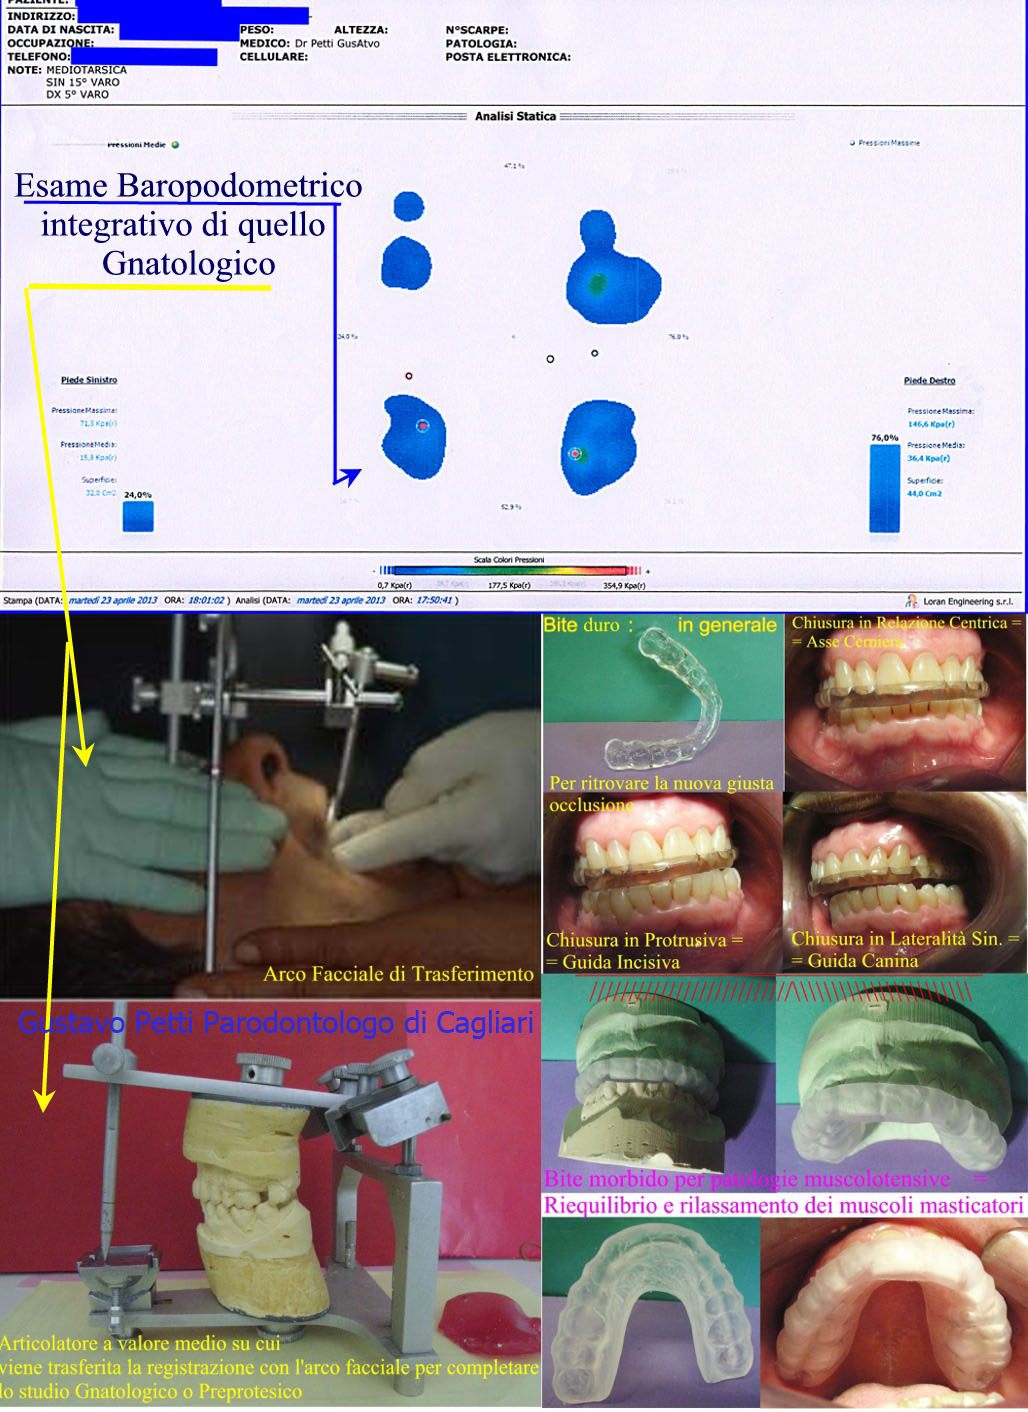 analisi-gnatologica-dr-g.petti-1101.jpg